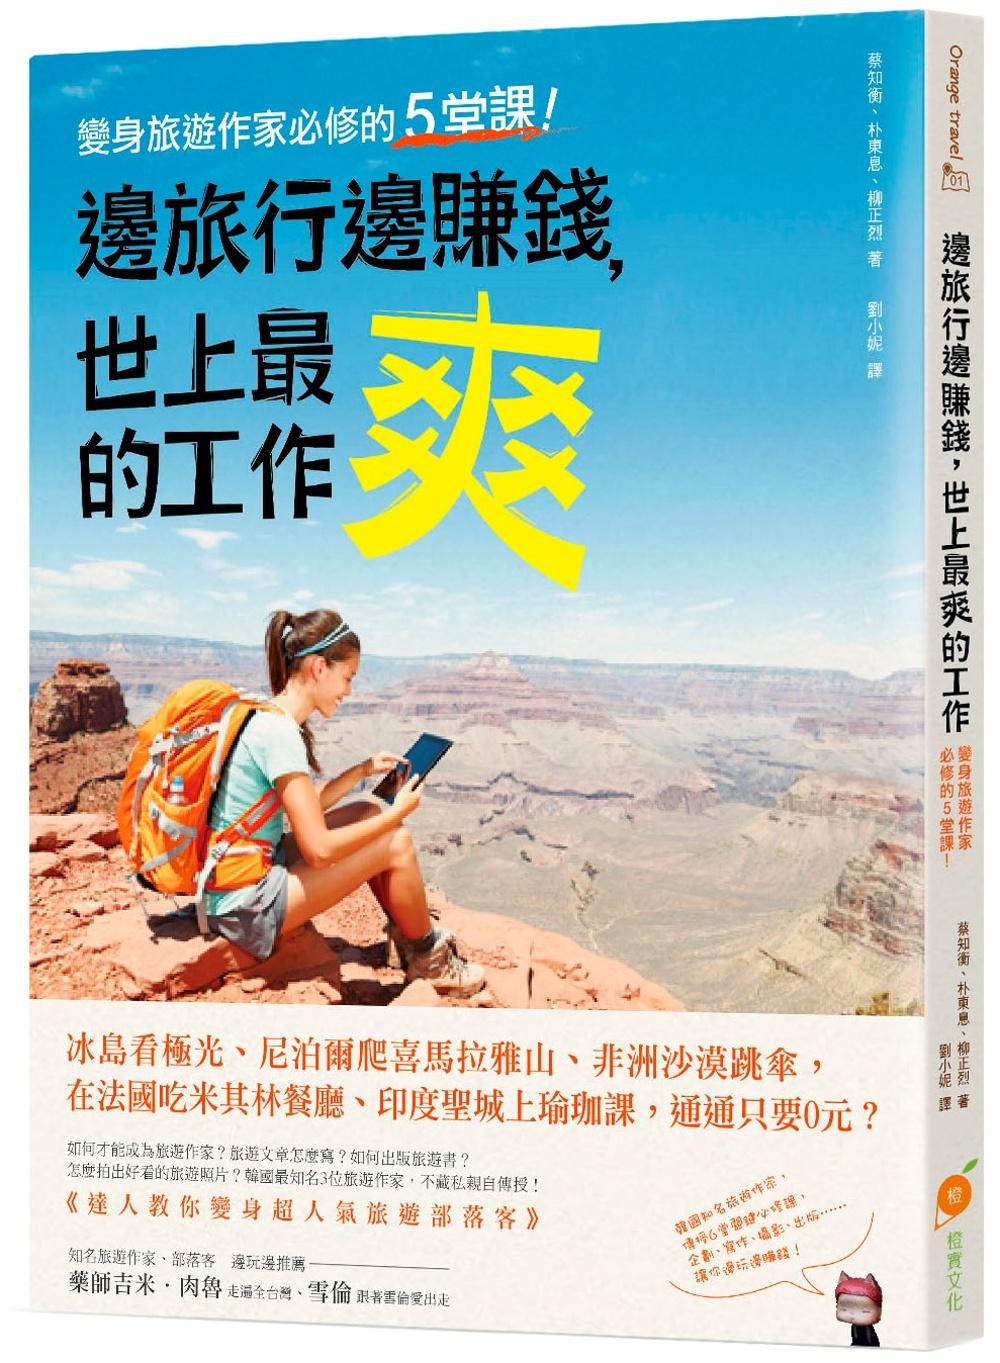 邊旅行邊賺錢,世上最爽的工作:變身旅遊作家必修的5堂課!